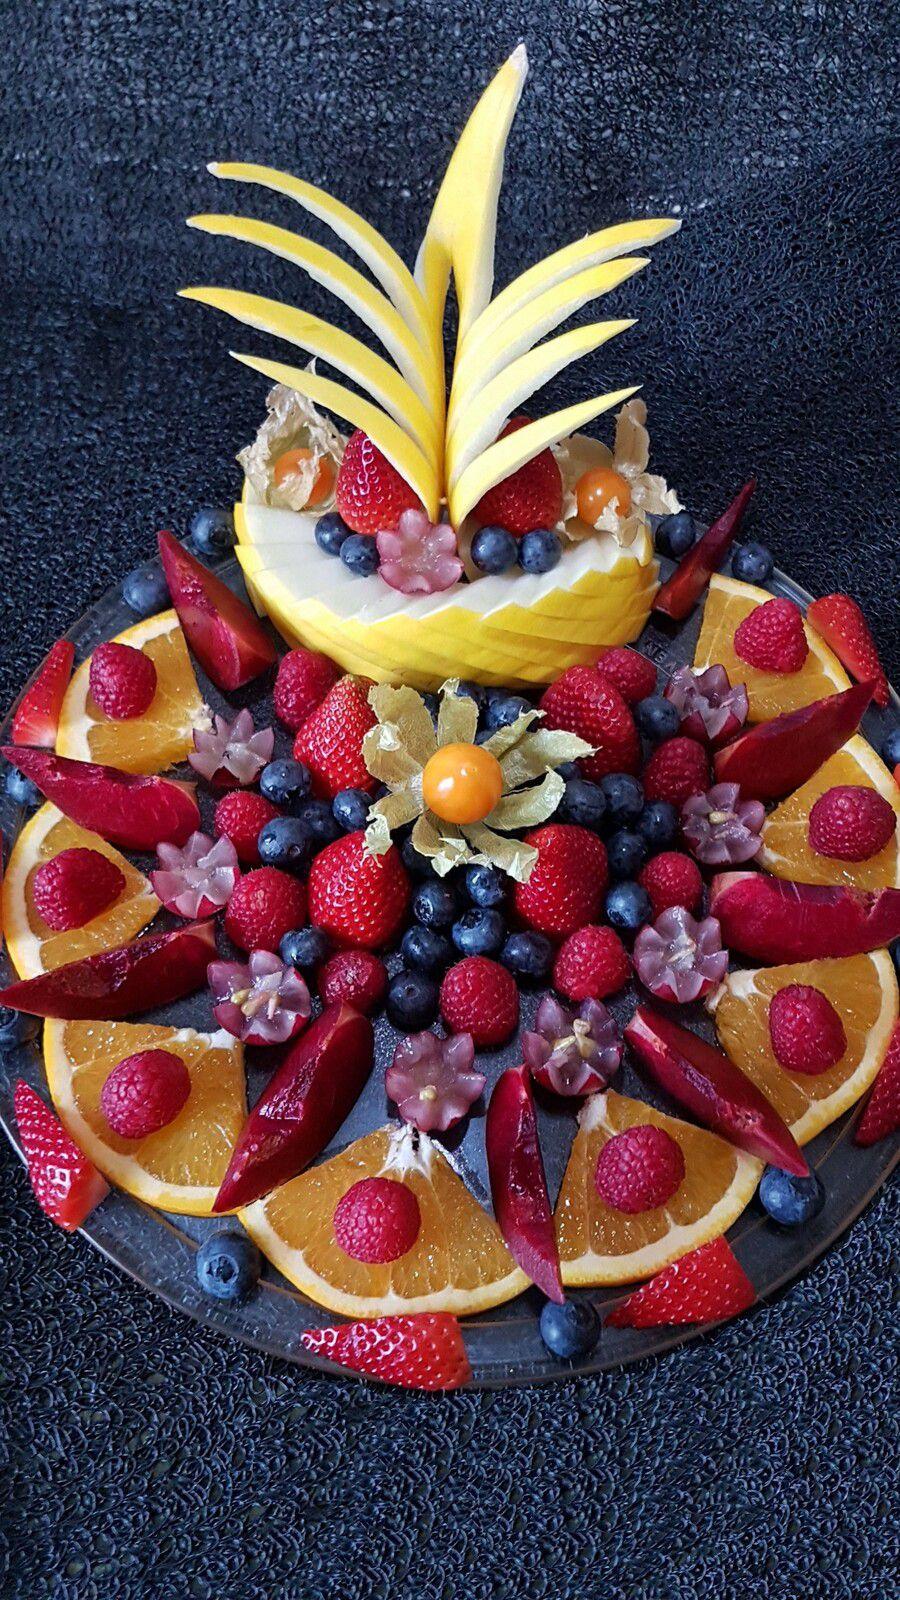 Fruits mis en oeuvre : fraise, framboise, melon jaune, orange, myrtille, raisin rouge, prune rouge, physalis